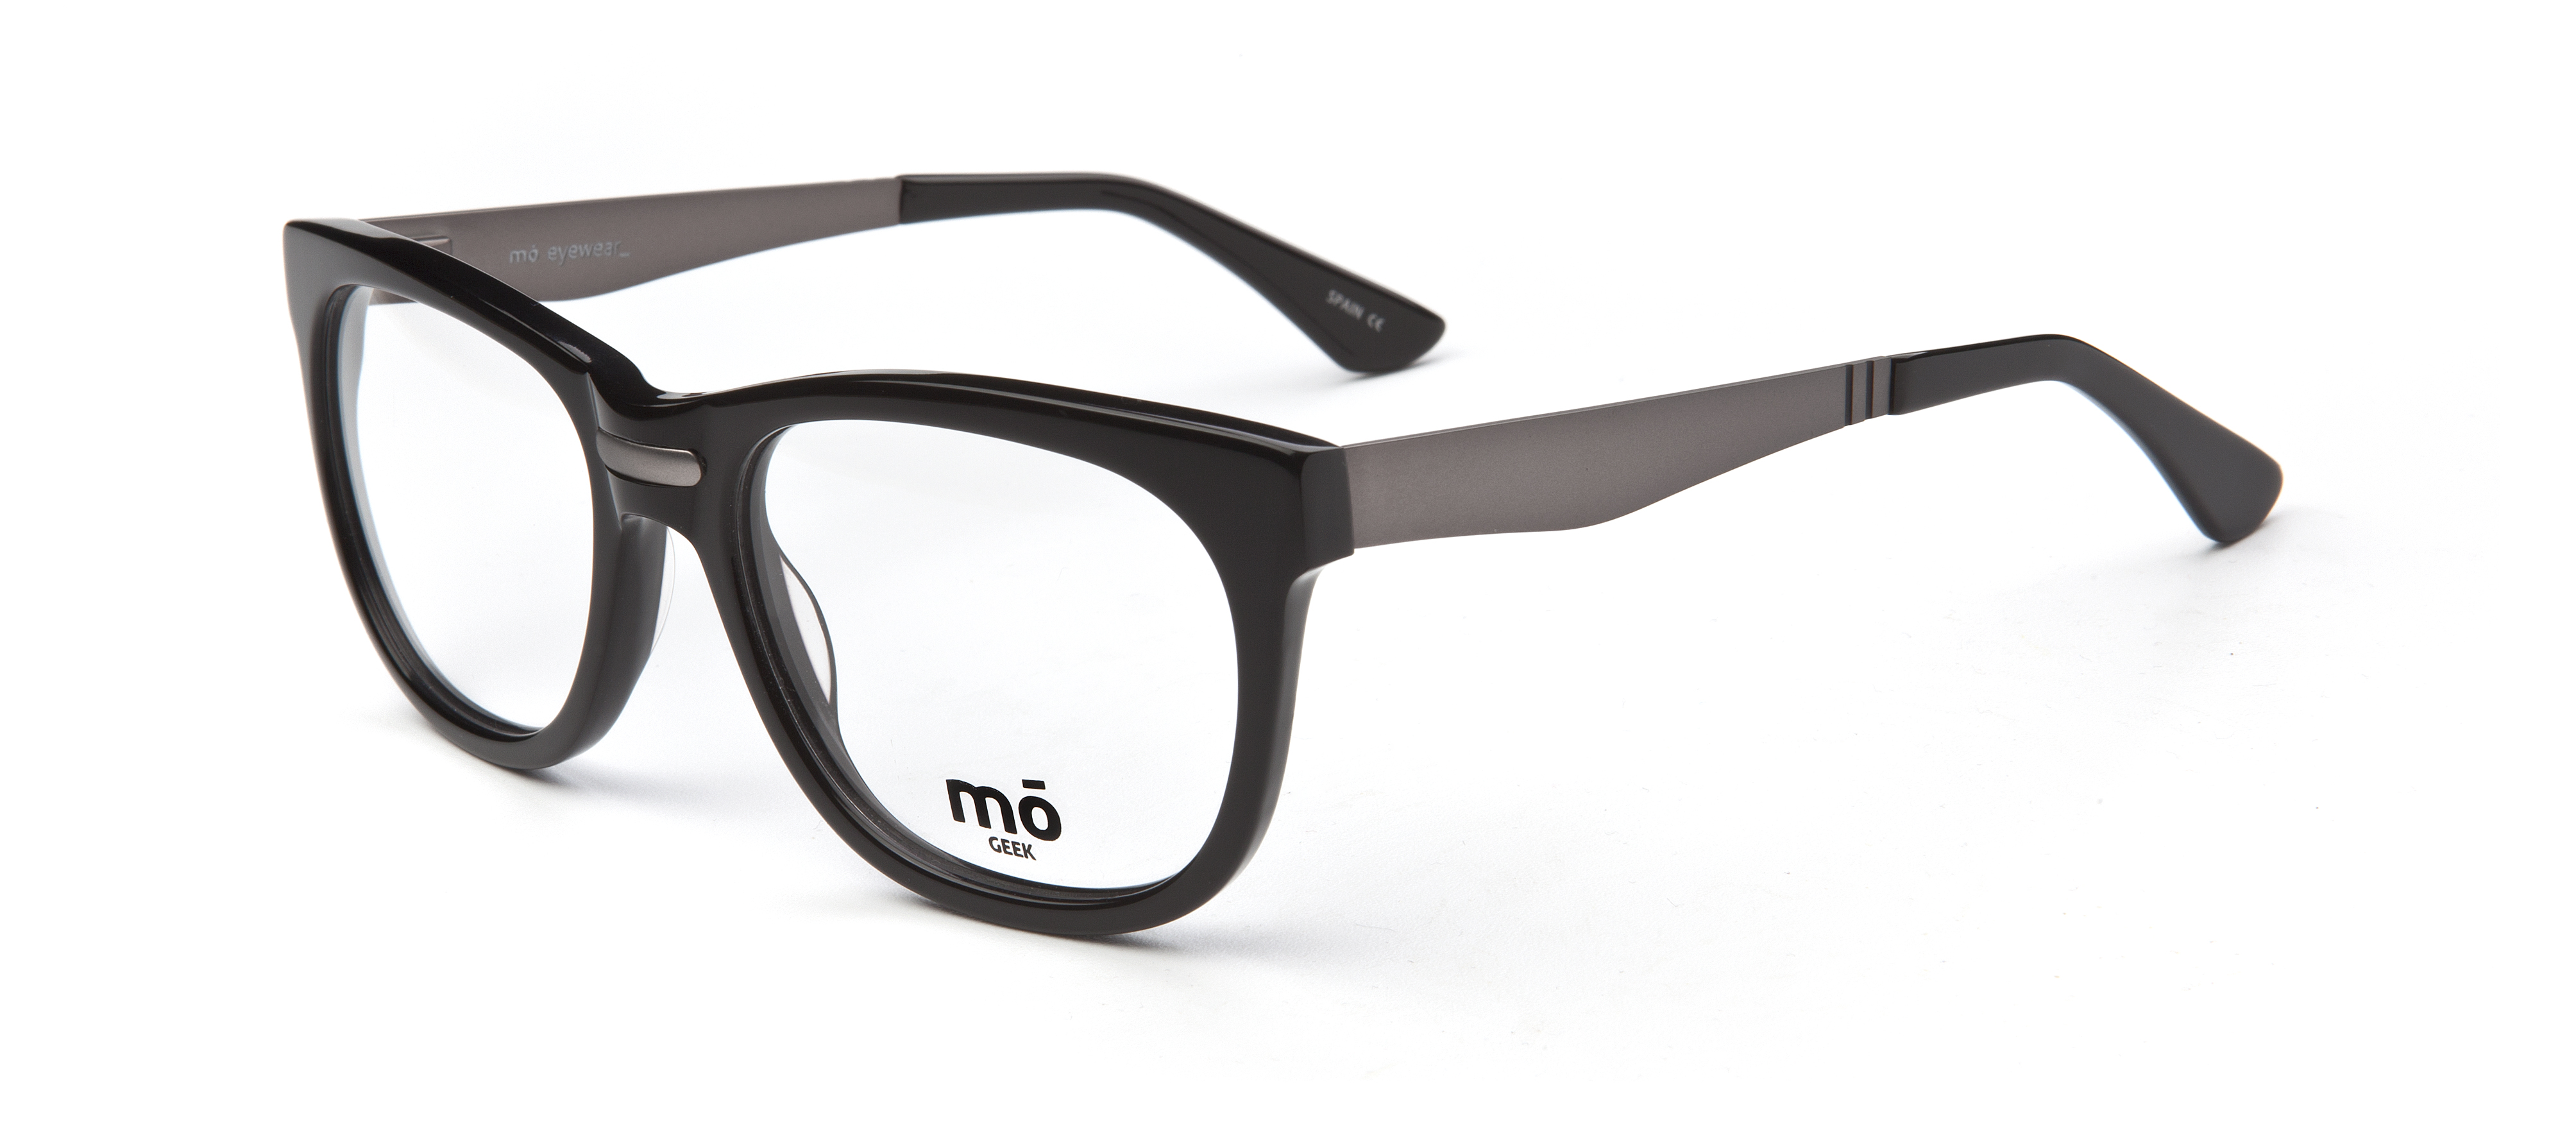 0a9d739700 gafas graduadas en multiopticas